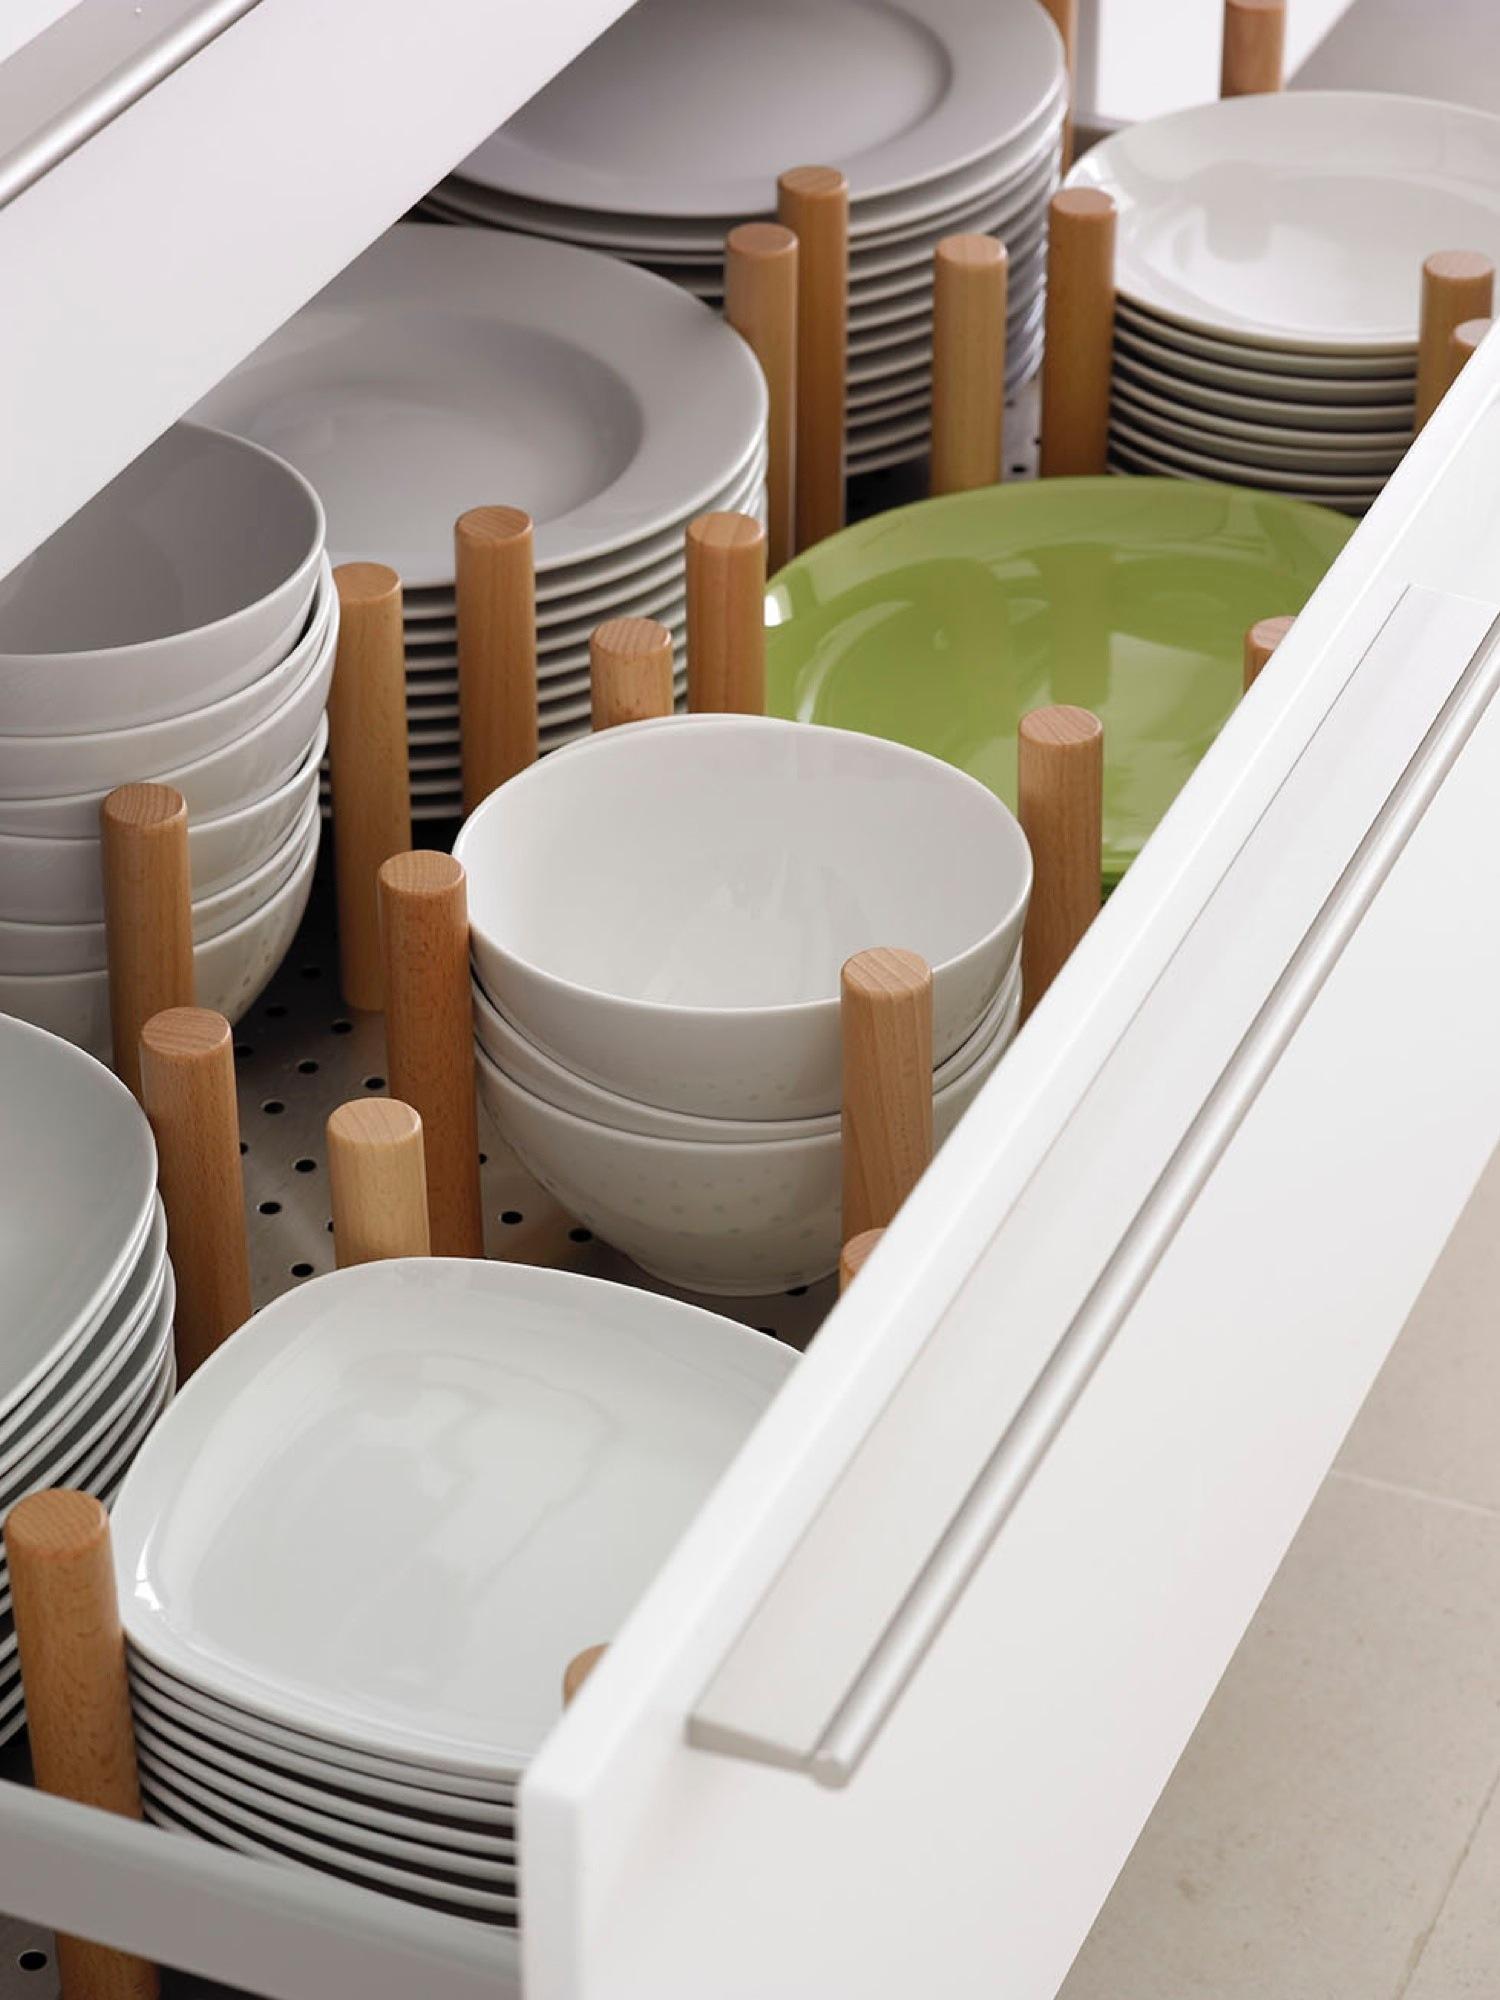 Los secretos de una cocina en orden docrys cocinas for Ikea organizador cajones cocina